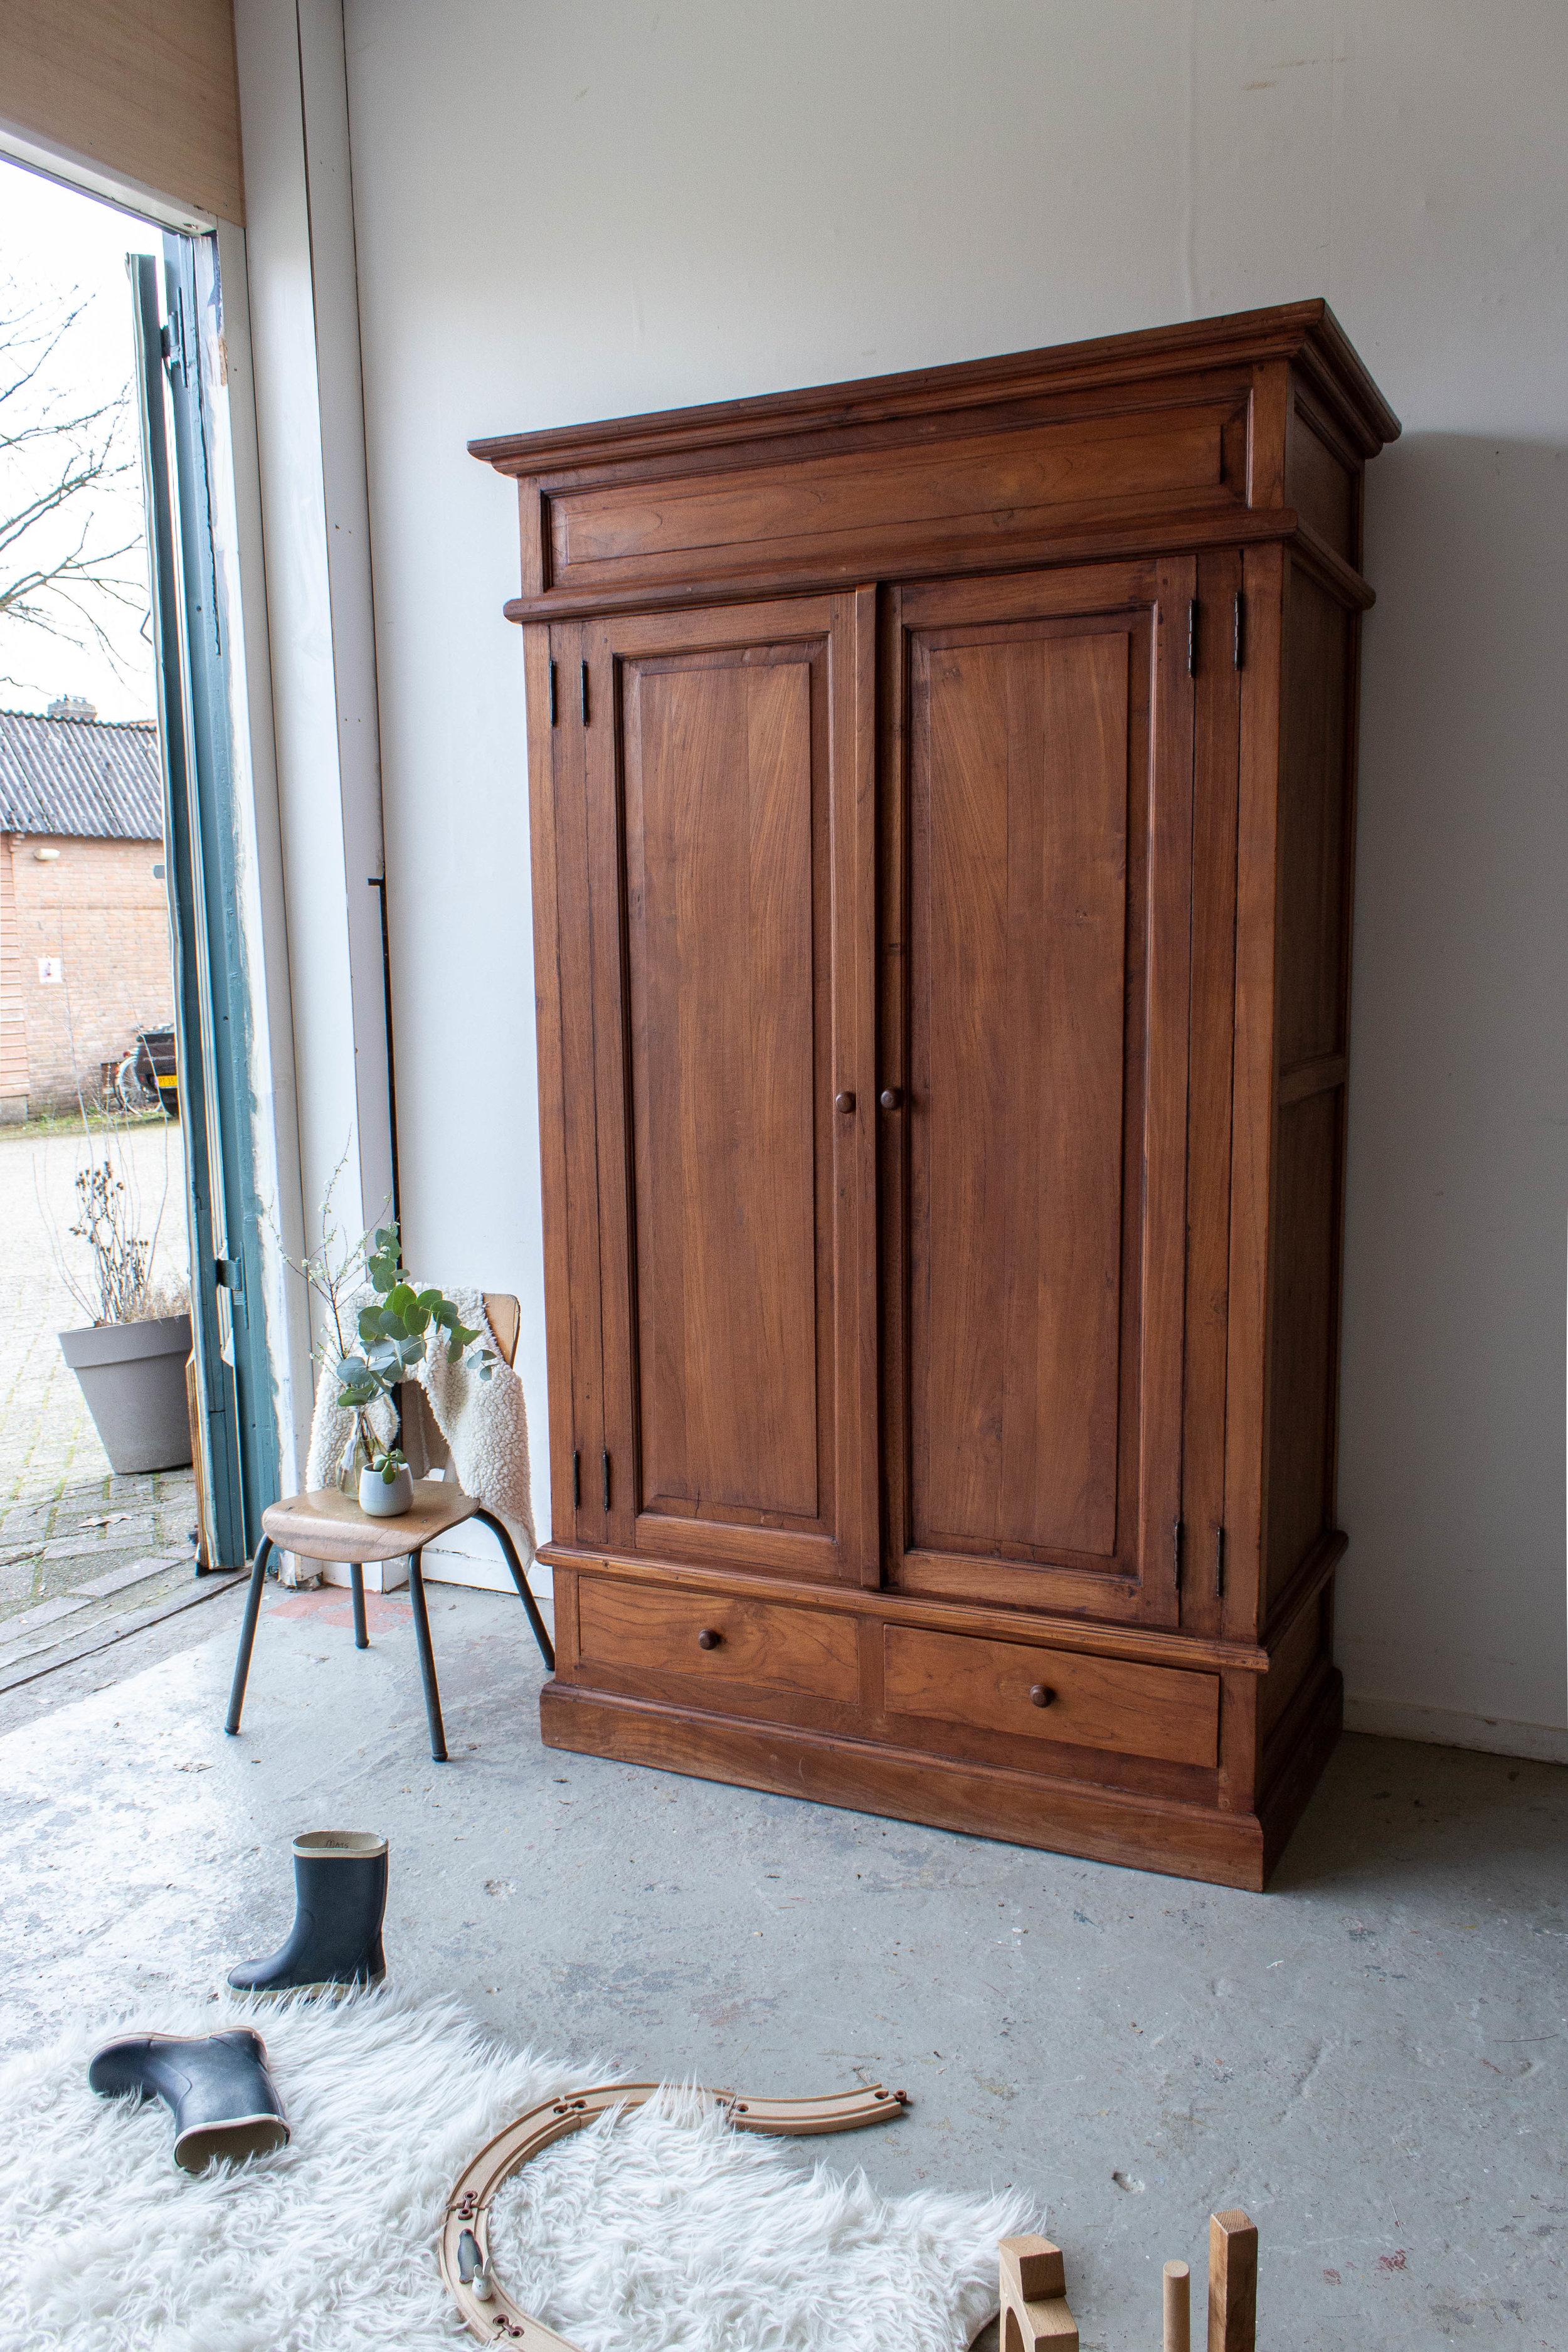 1483 - Vintage meidenkast van hout.jpg